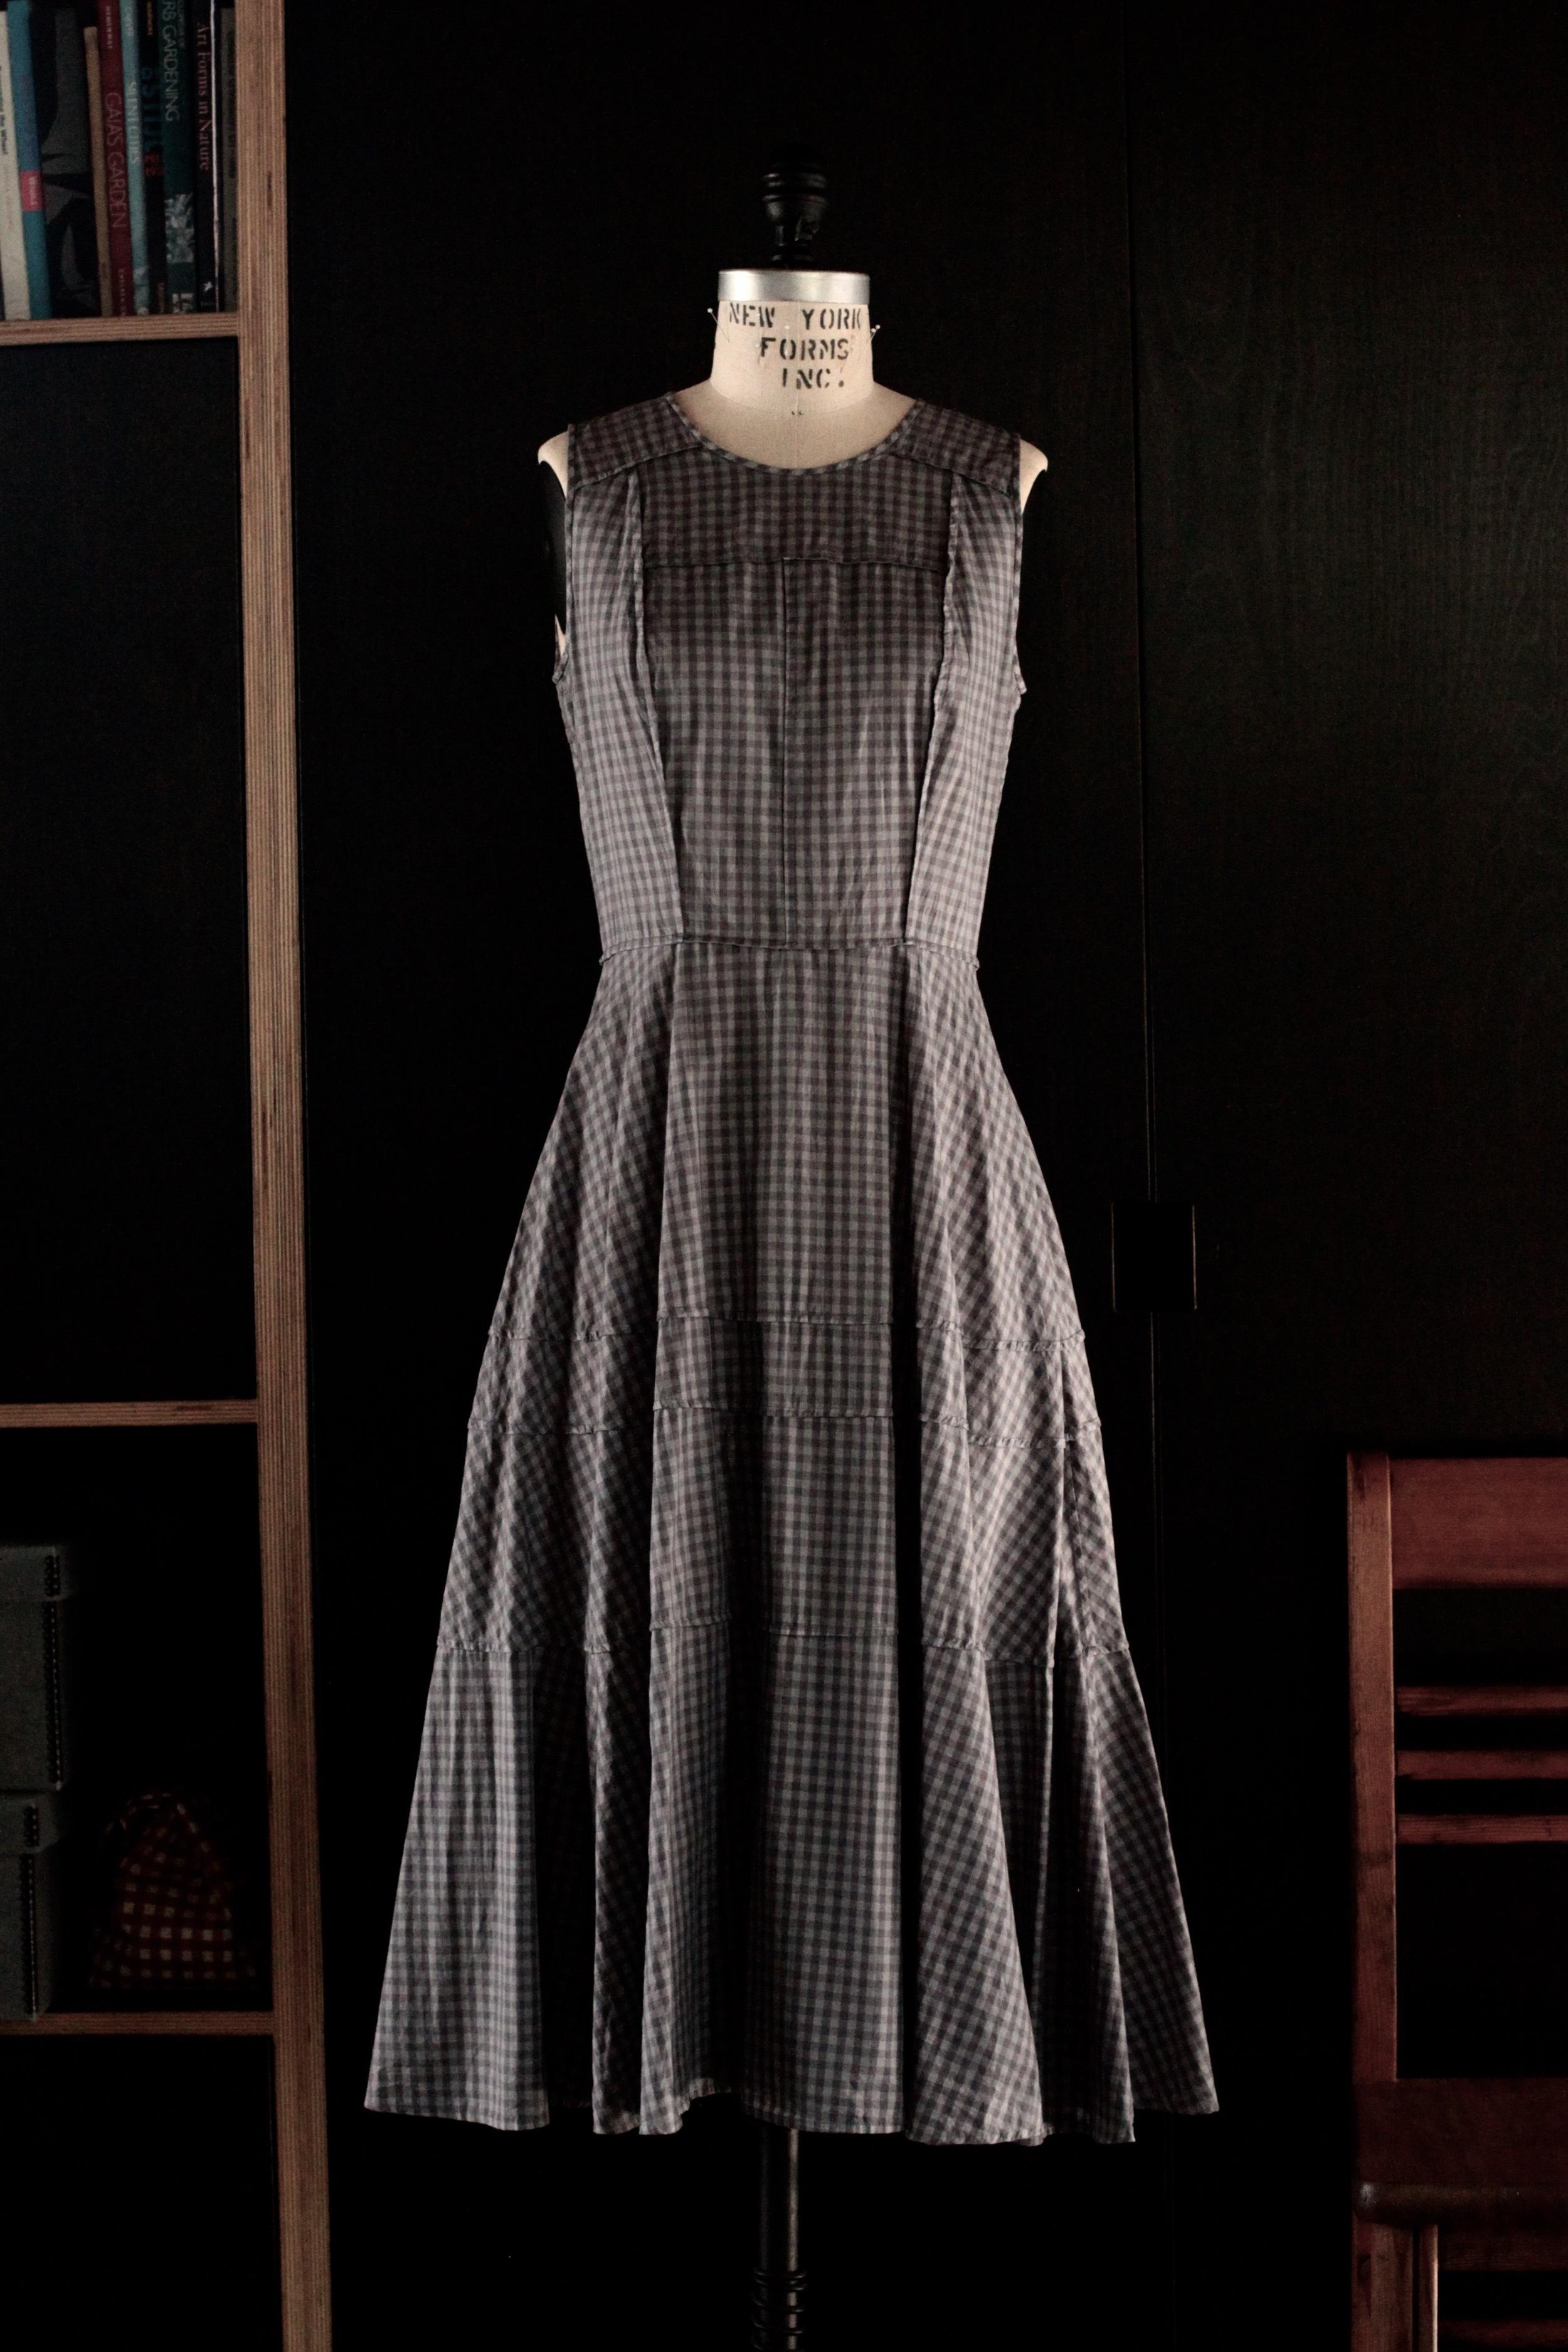 #2018 blackbird dress/cotton gingham